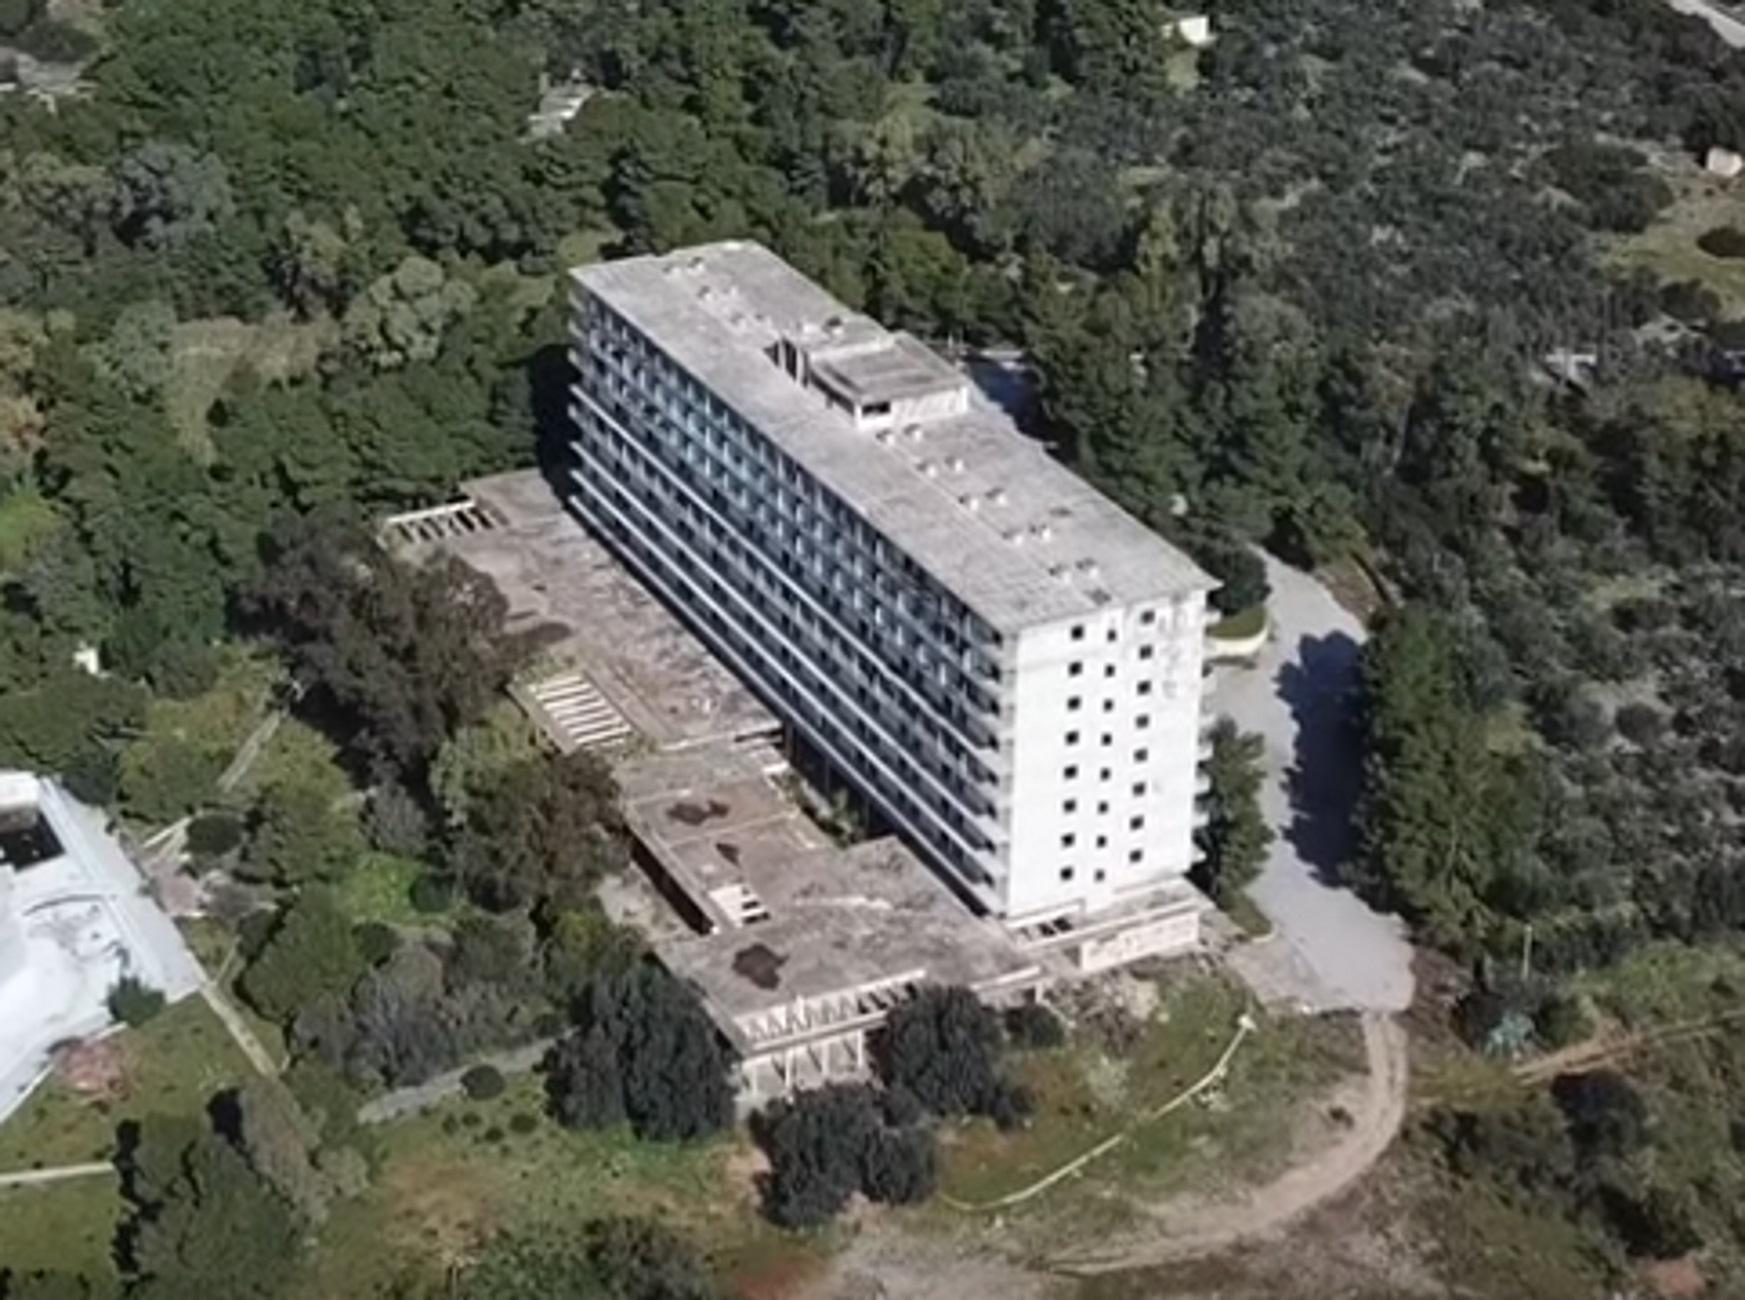 Αργολίδα: Το μεσημέρι που έκλεισαν γνωστό ξενοδοχείο και έδιωξαν τους γυμνιστές κακήν κακώς από τη χώρα